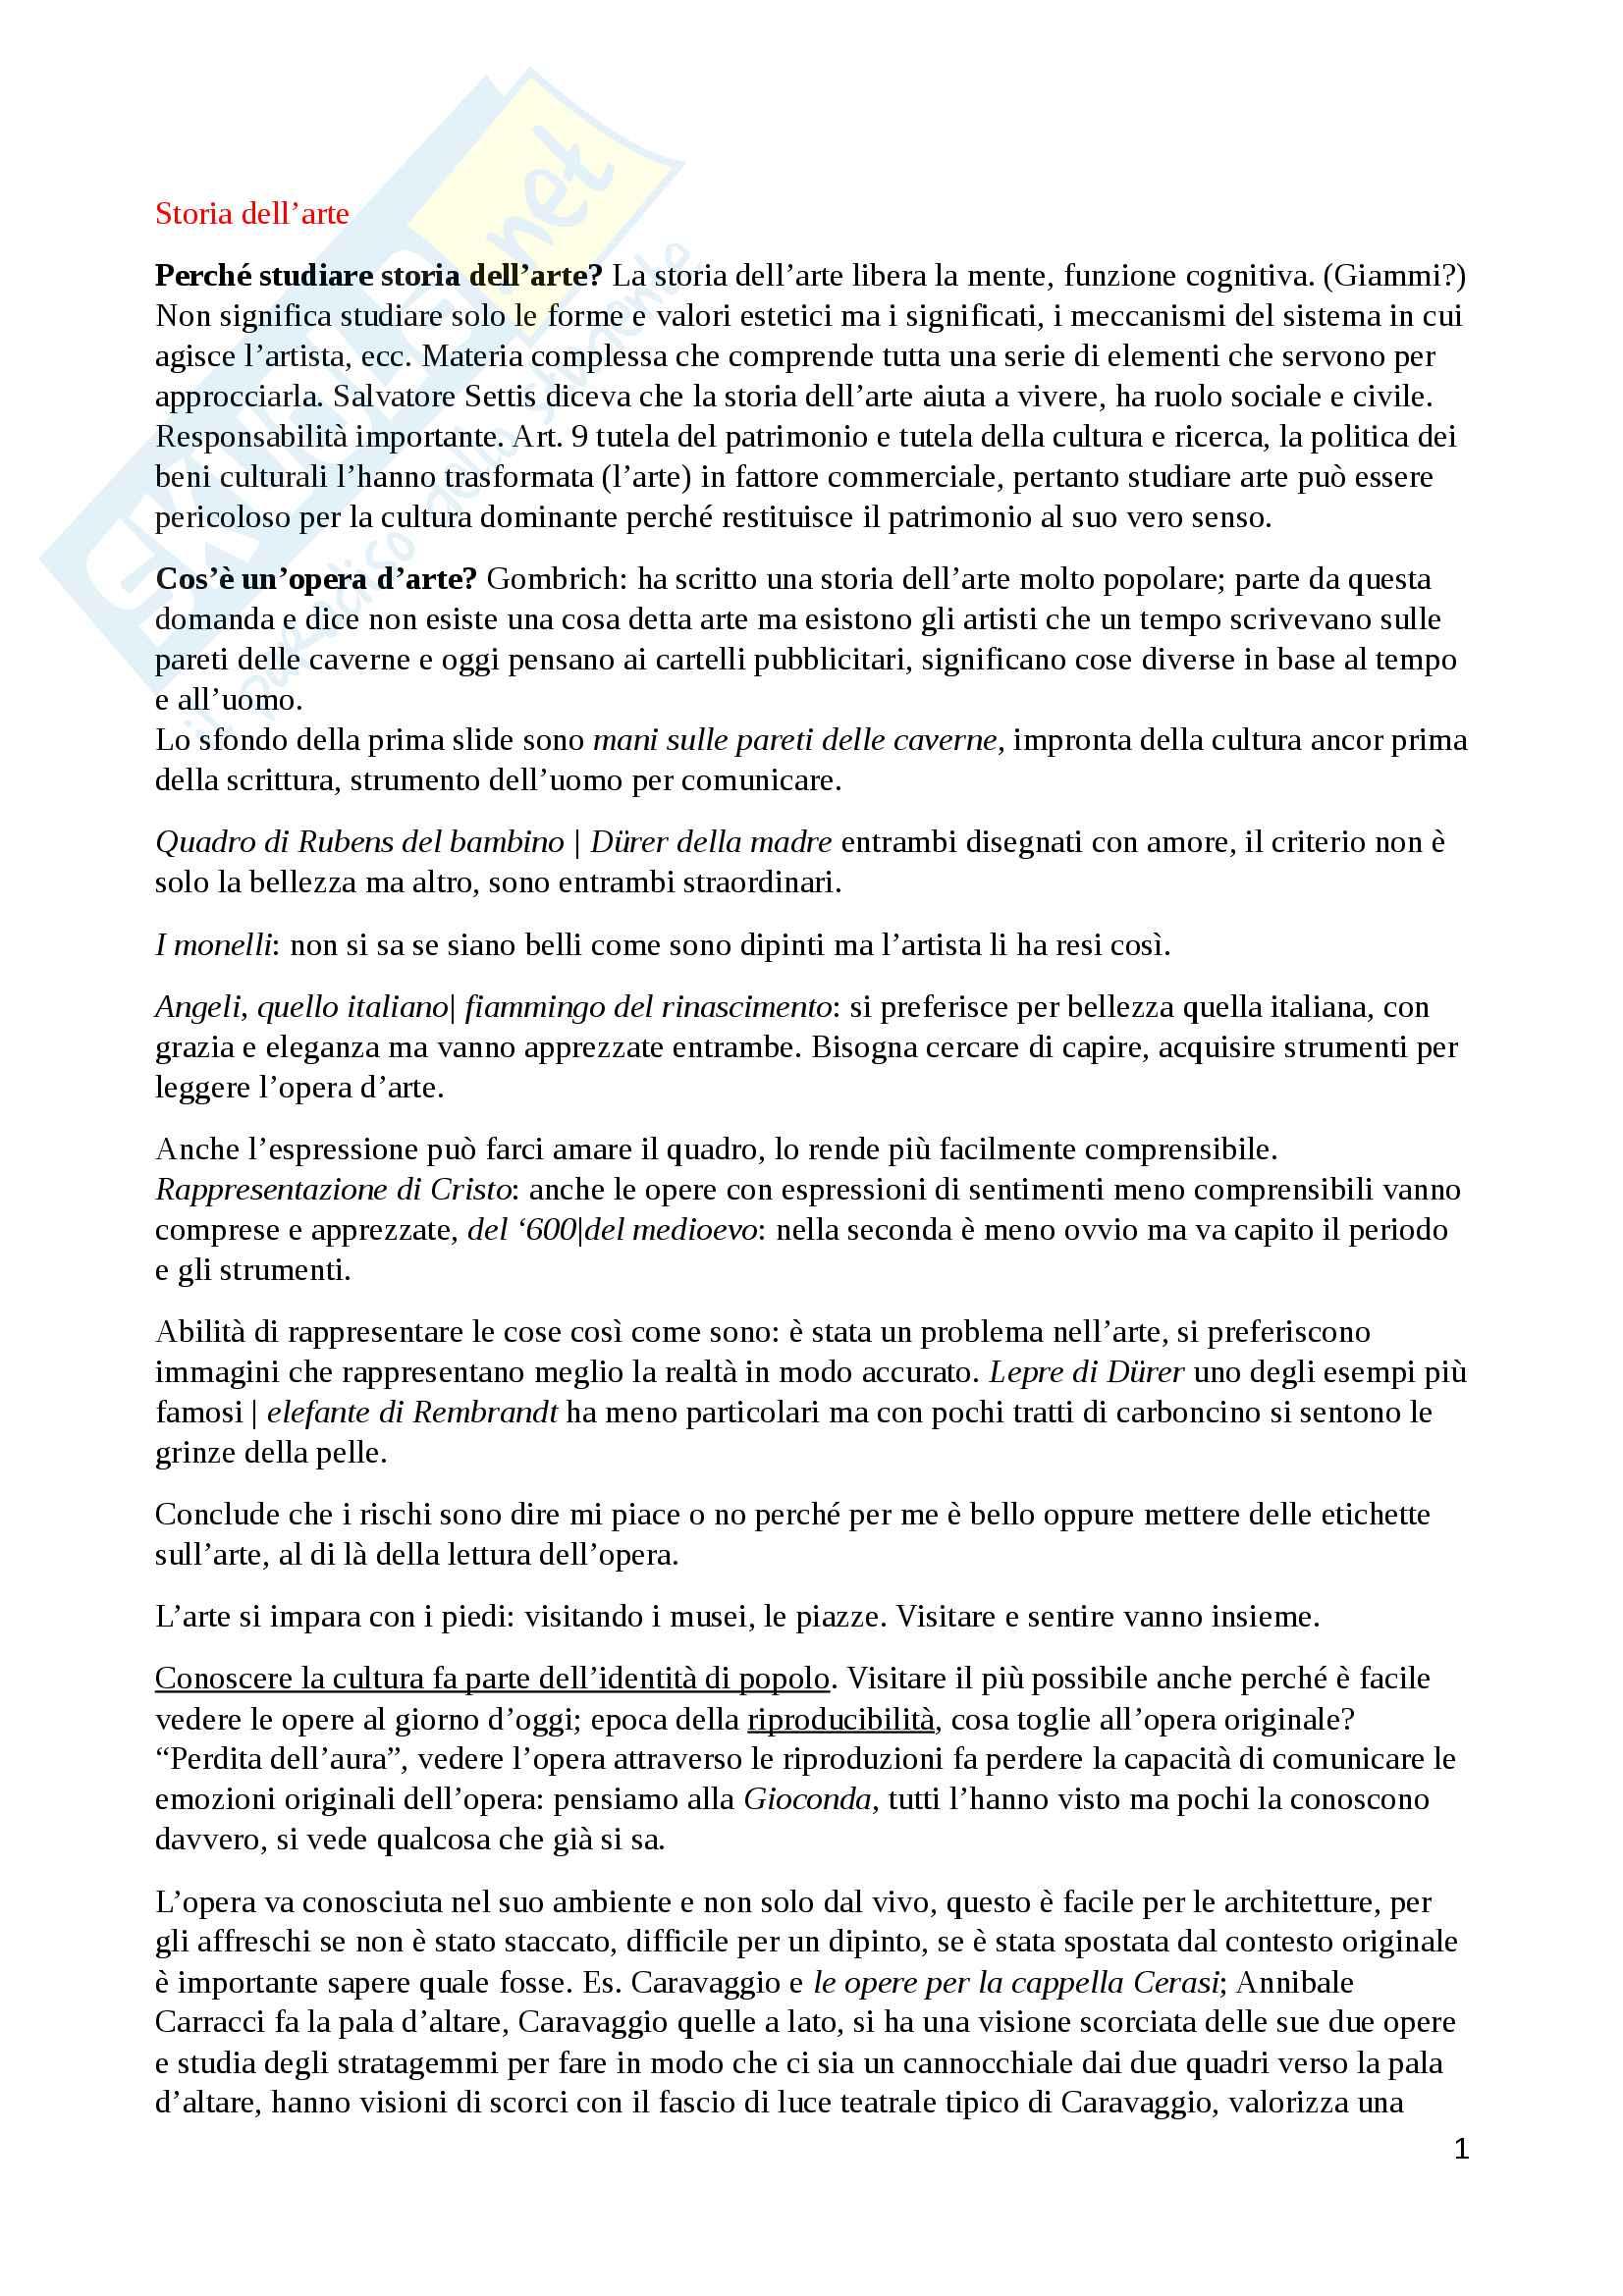 Storia dell'arte (dal paleocristiano al gotico internazionale) - appunti completi